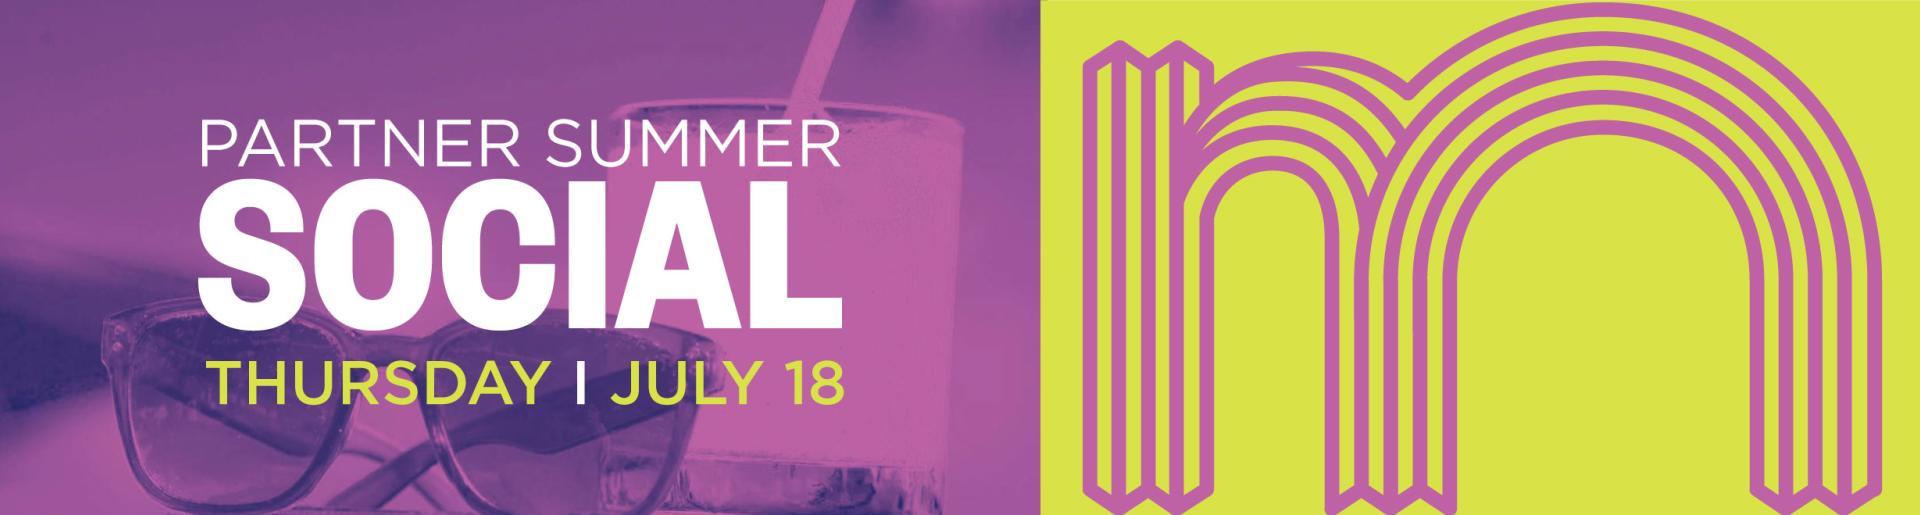 Partner Summer Social 2019 :: Internal Header